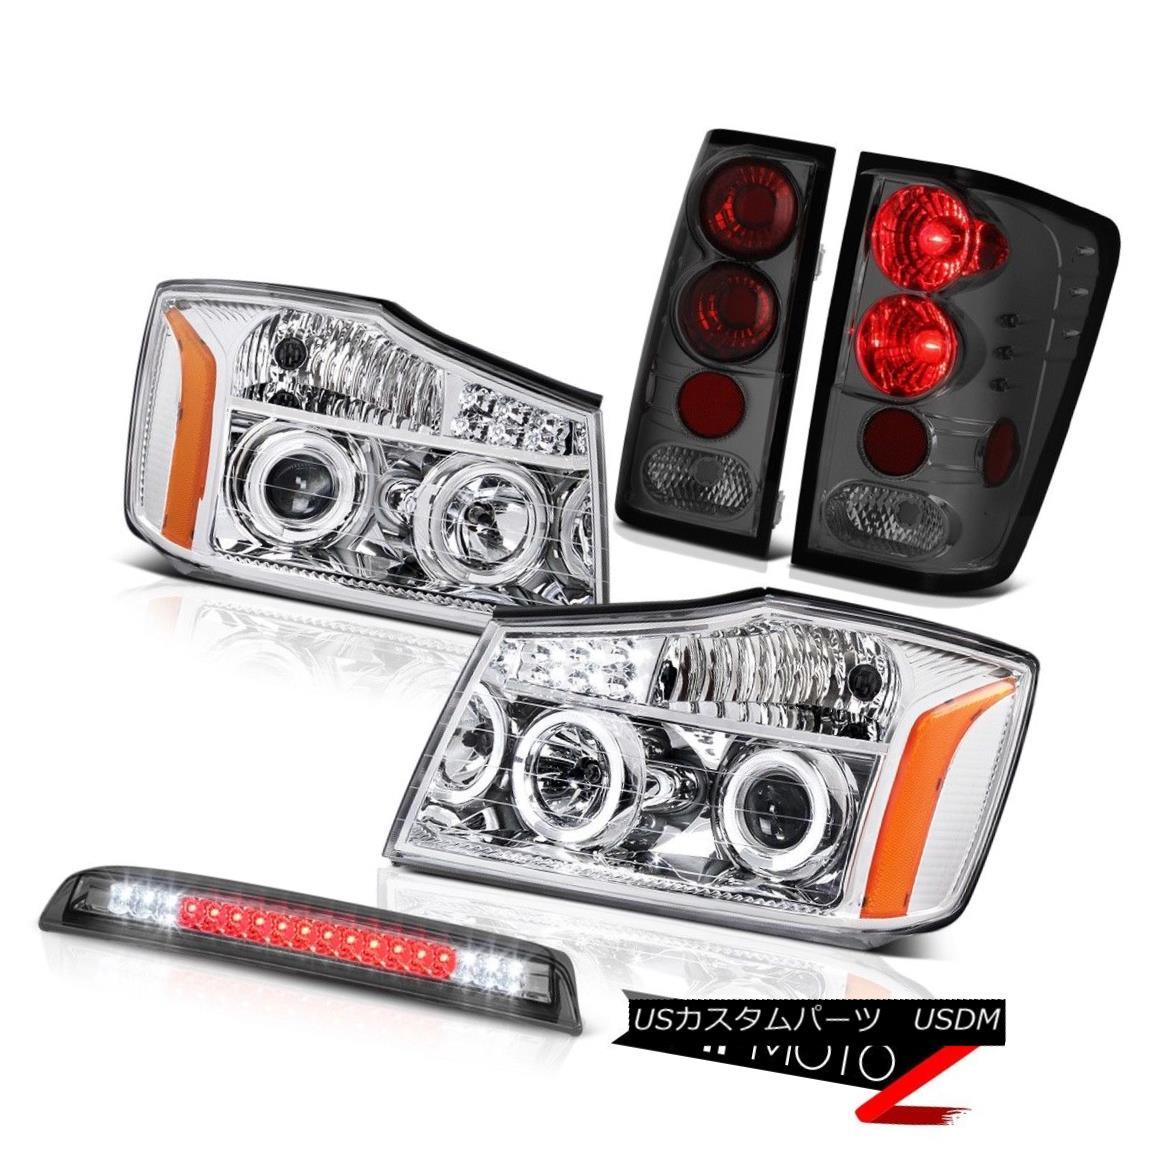 テールライト For 04-15 Titan SE Projector Headlight Halo Taillight Smoke Roof 3rd Brake LED 04-15タイタンSEプロジェクターヘッドライトHalo Taillightスモークルーフ第3ブレーキLED